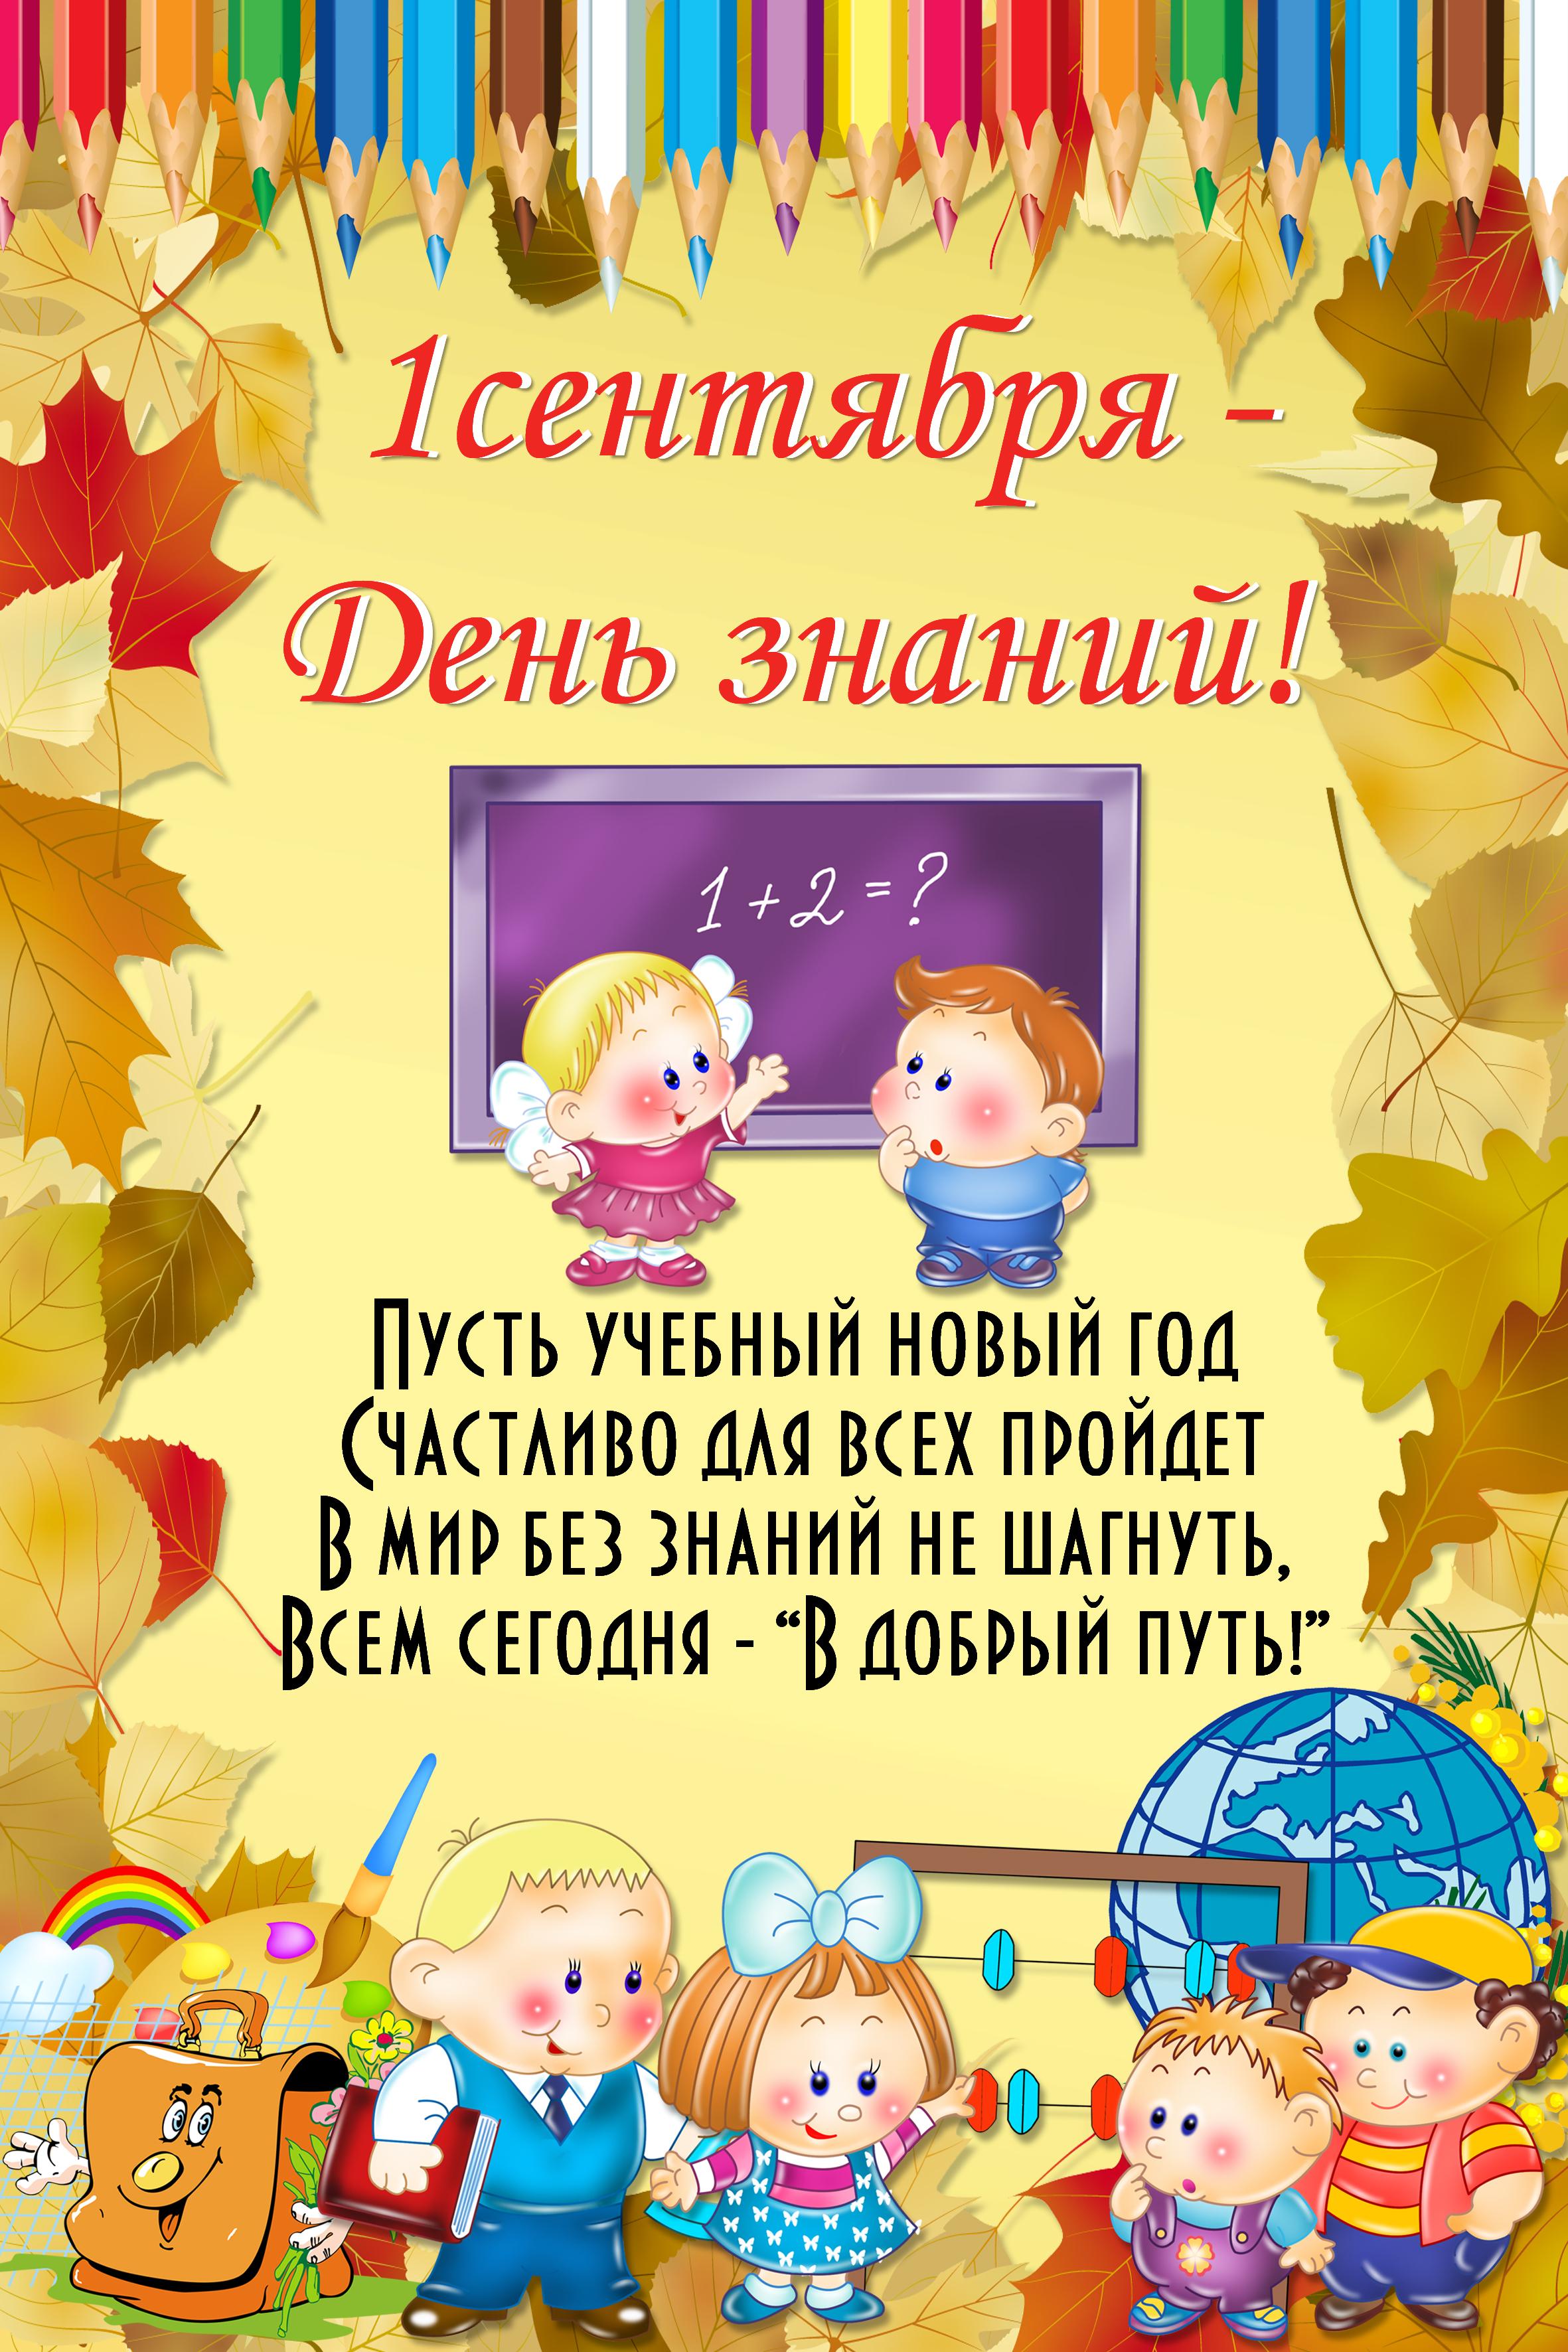 Поздравления для детей с 1 сентября